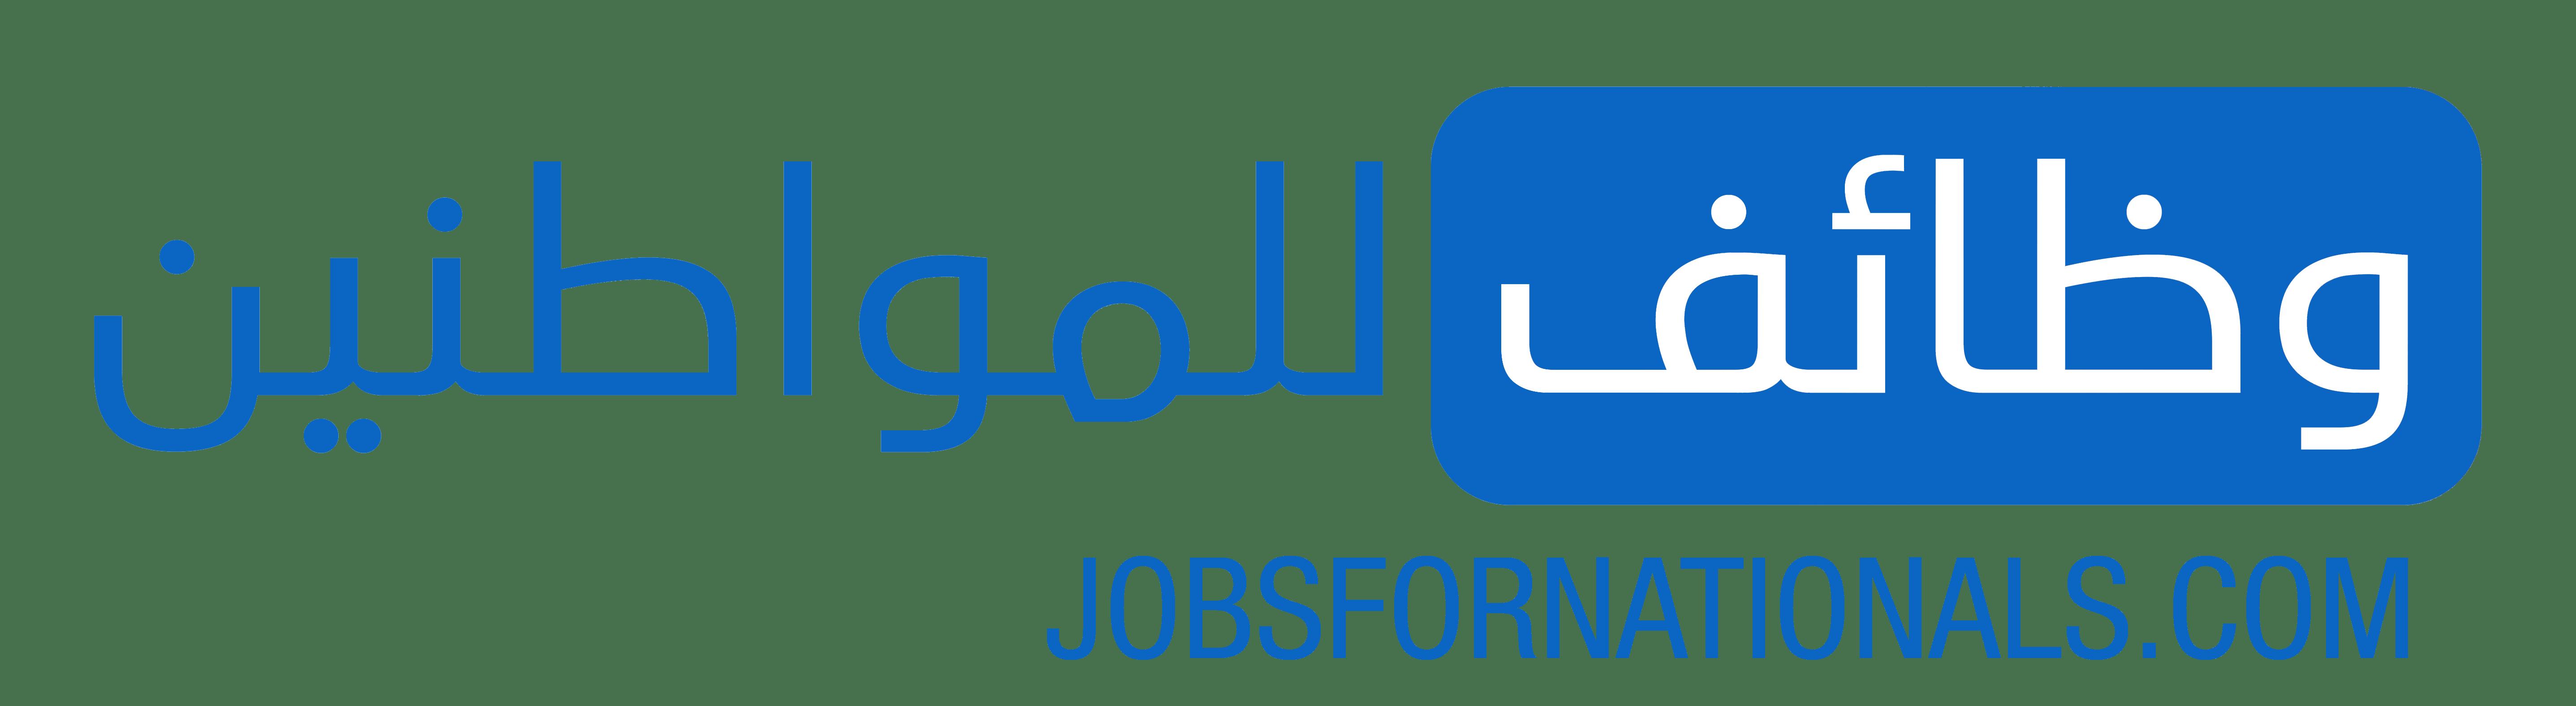 JobsForNationals.com   وظائف للمواطنين